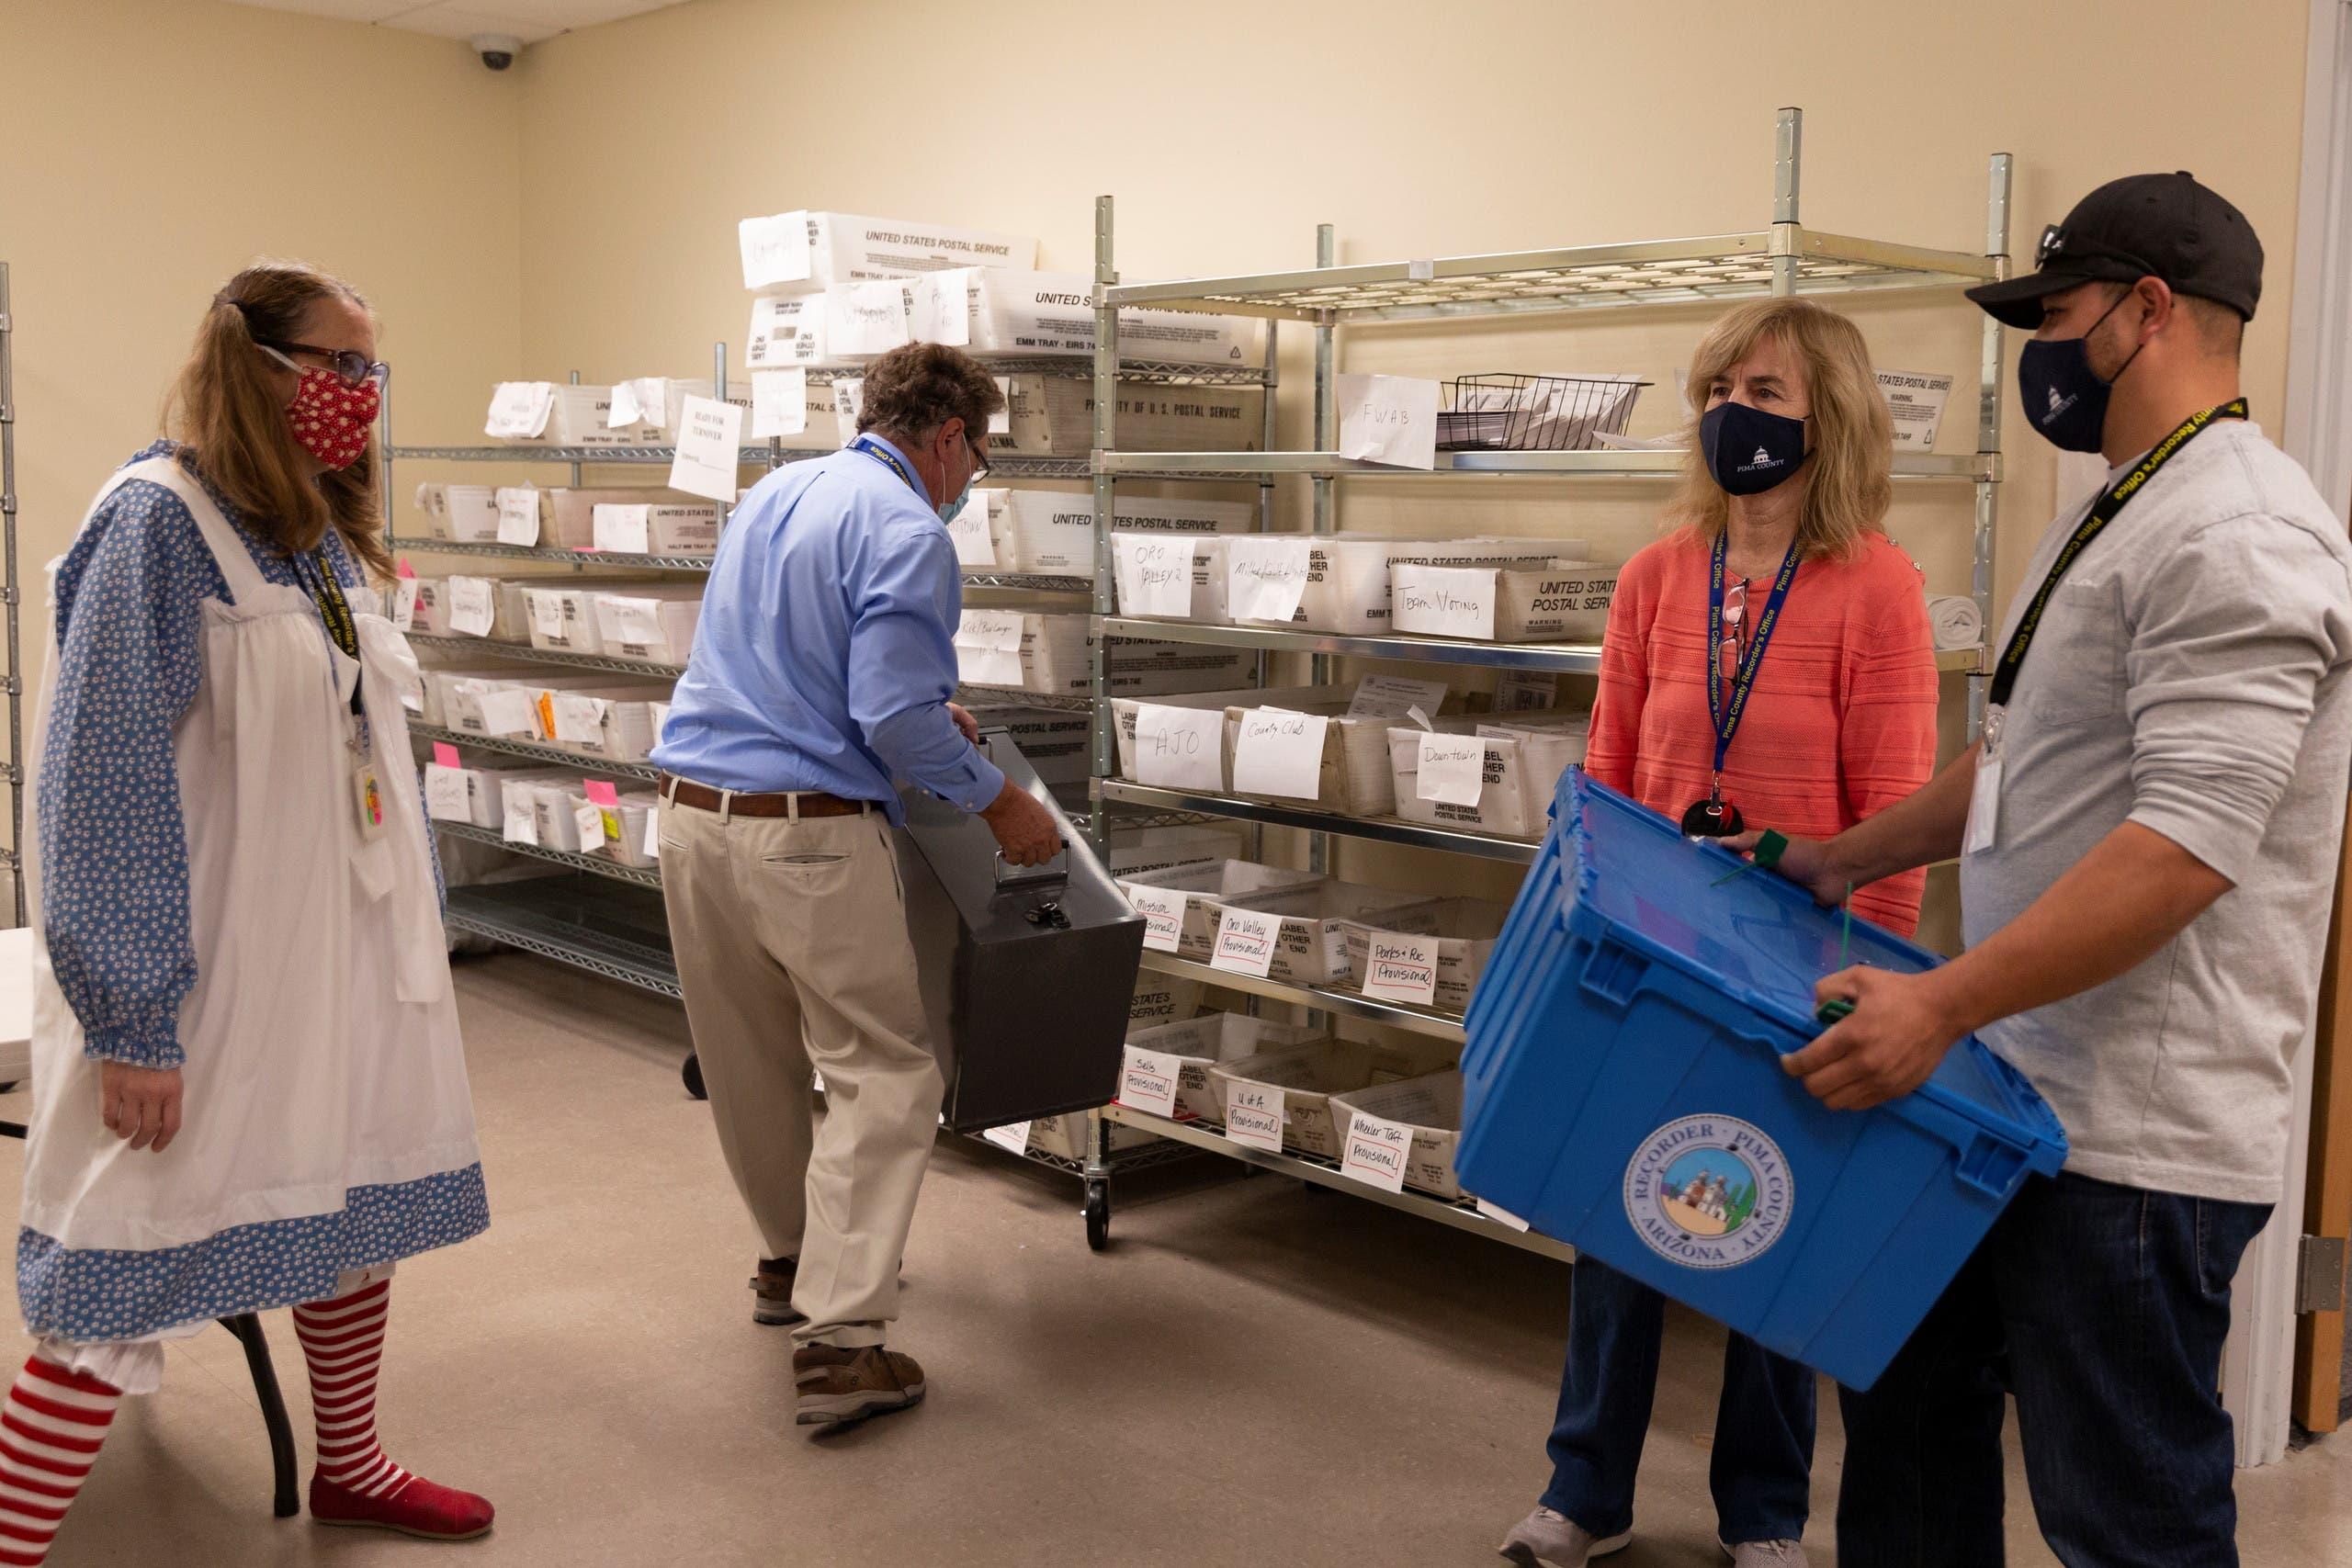 مركز في أريزونا يتم فيه تجميع أوراق الاقتراع بير البريد والاقتراع المبكر